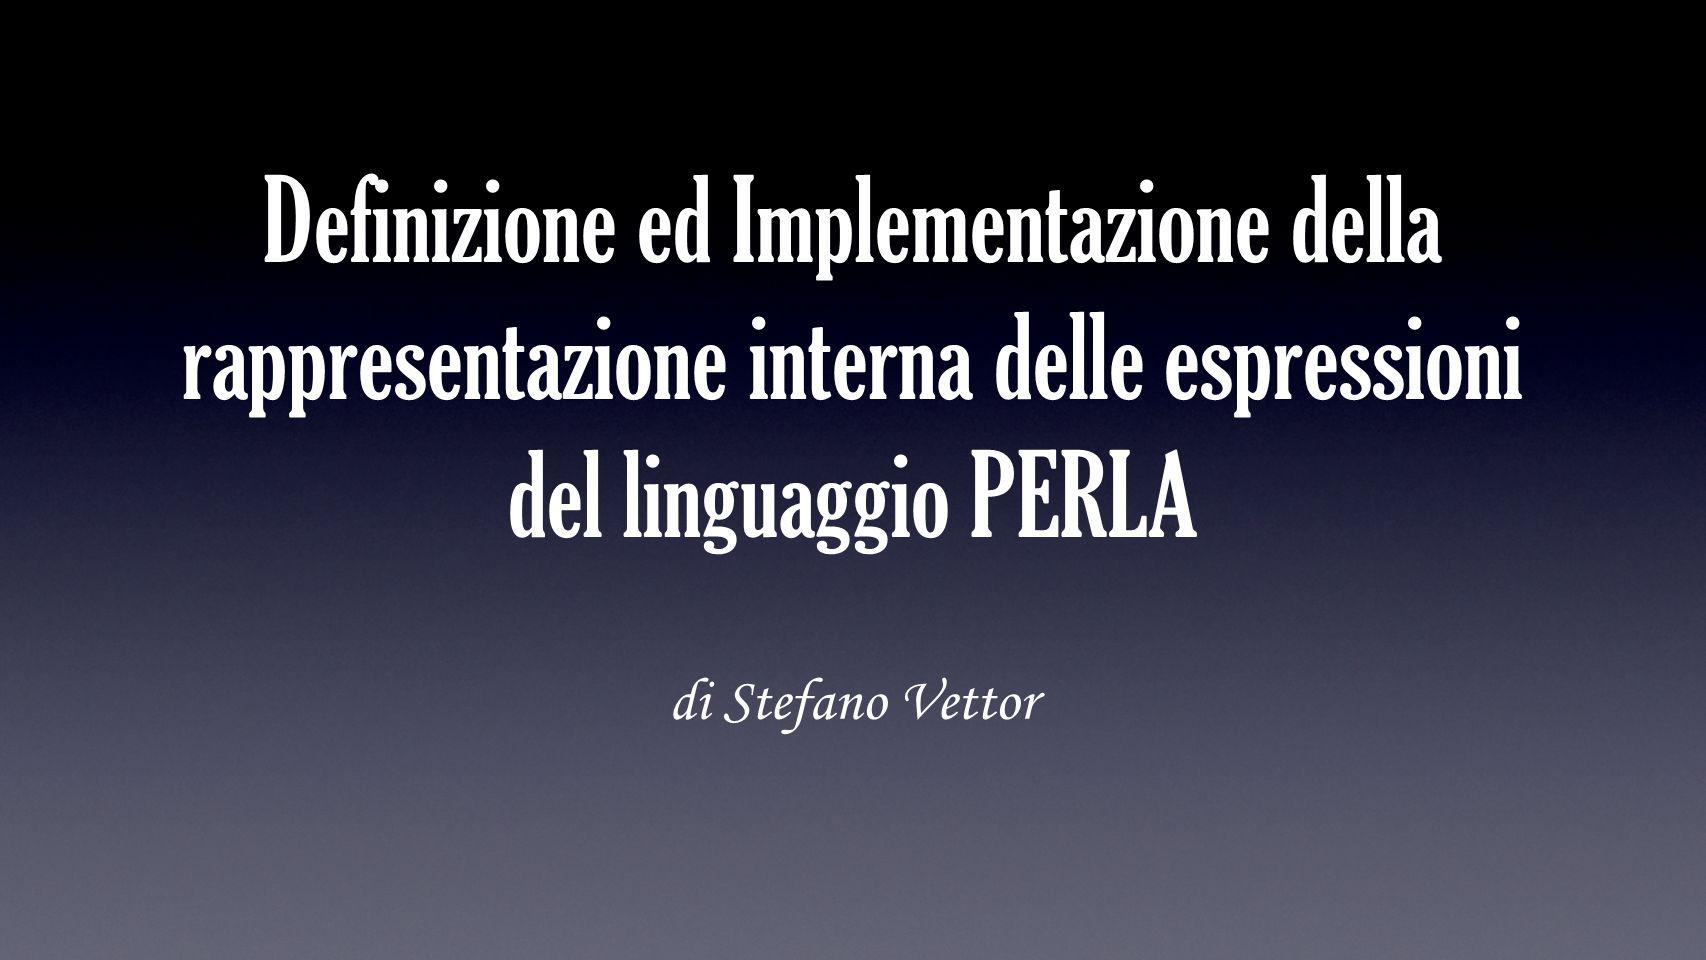 Definizione ed Implementazione della rappresentazione interna delle espressioni del linguaggio PERLA di Stefano Vettor